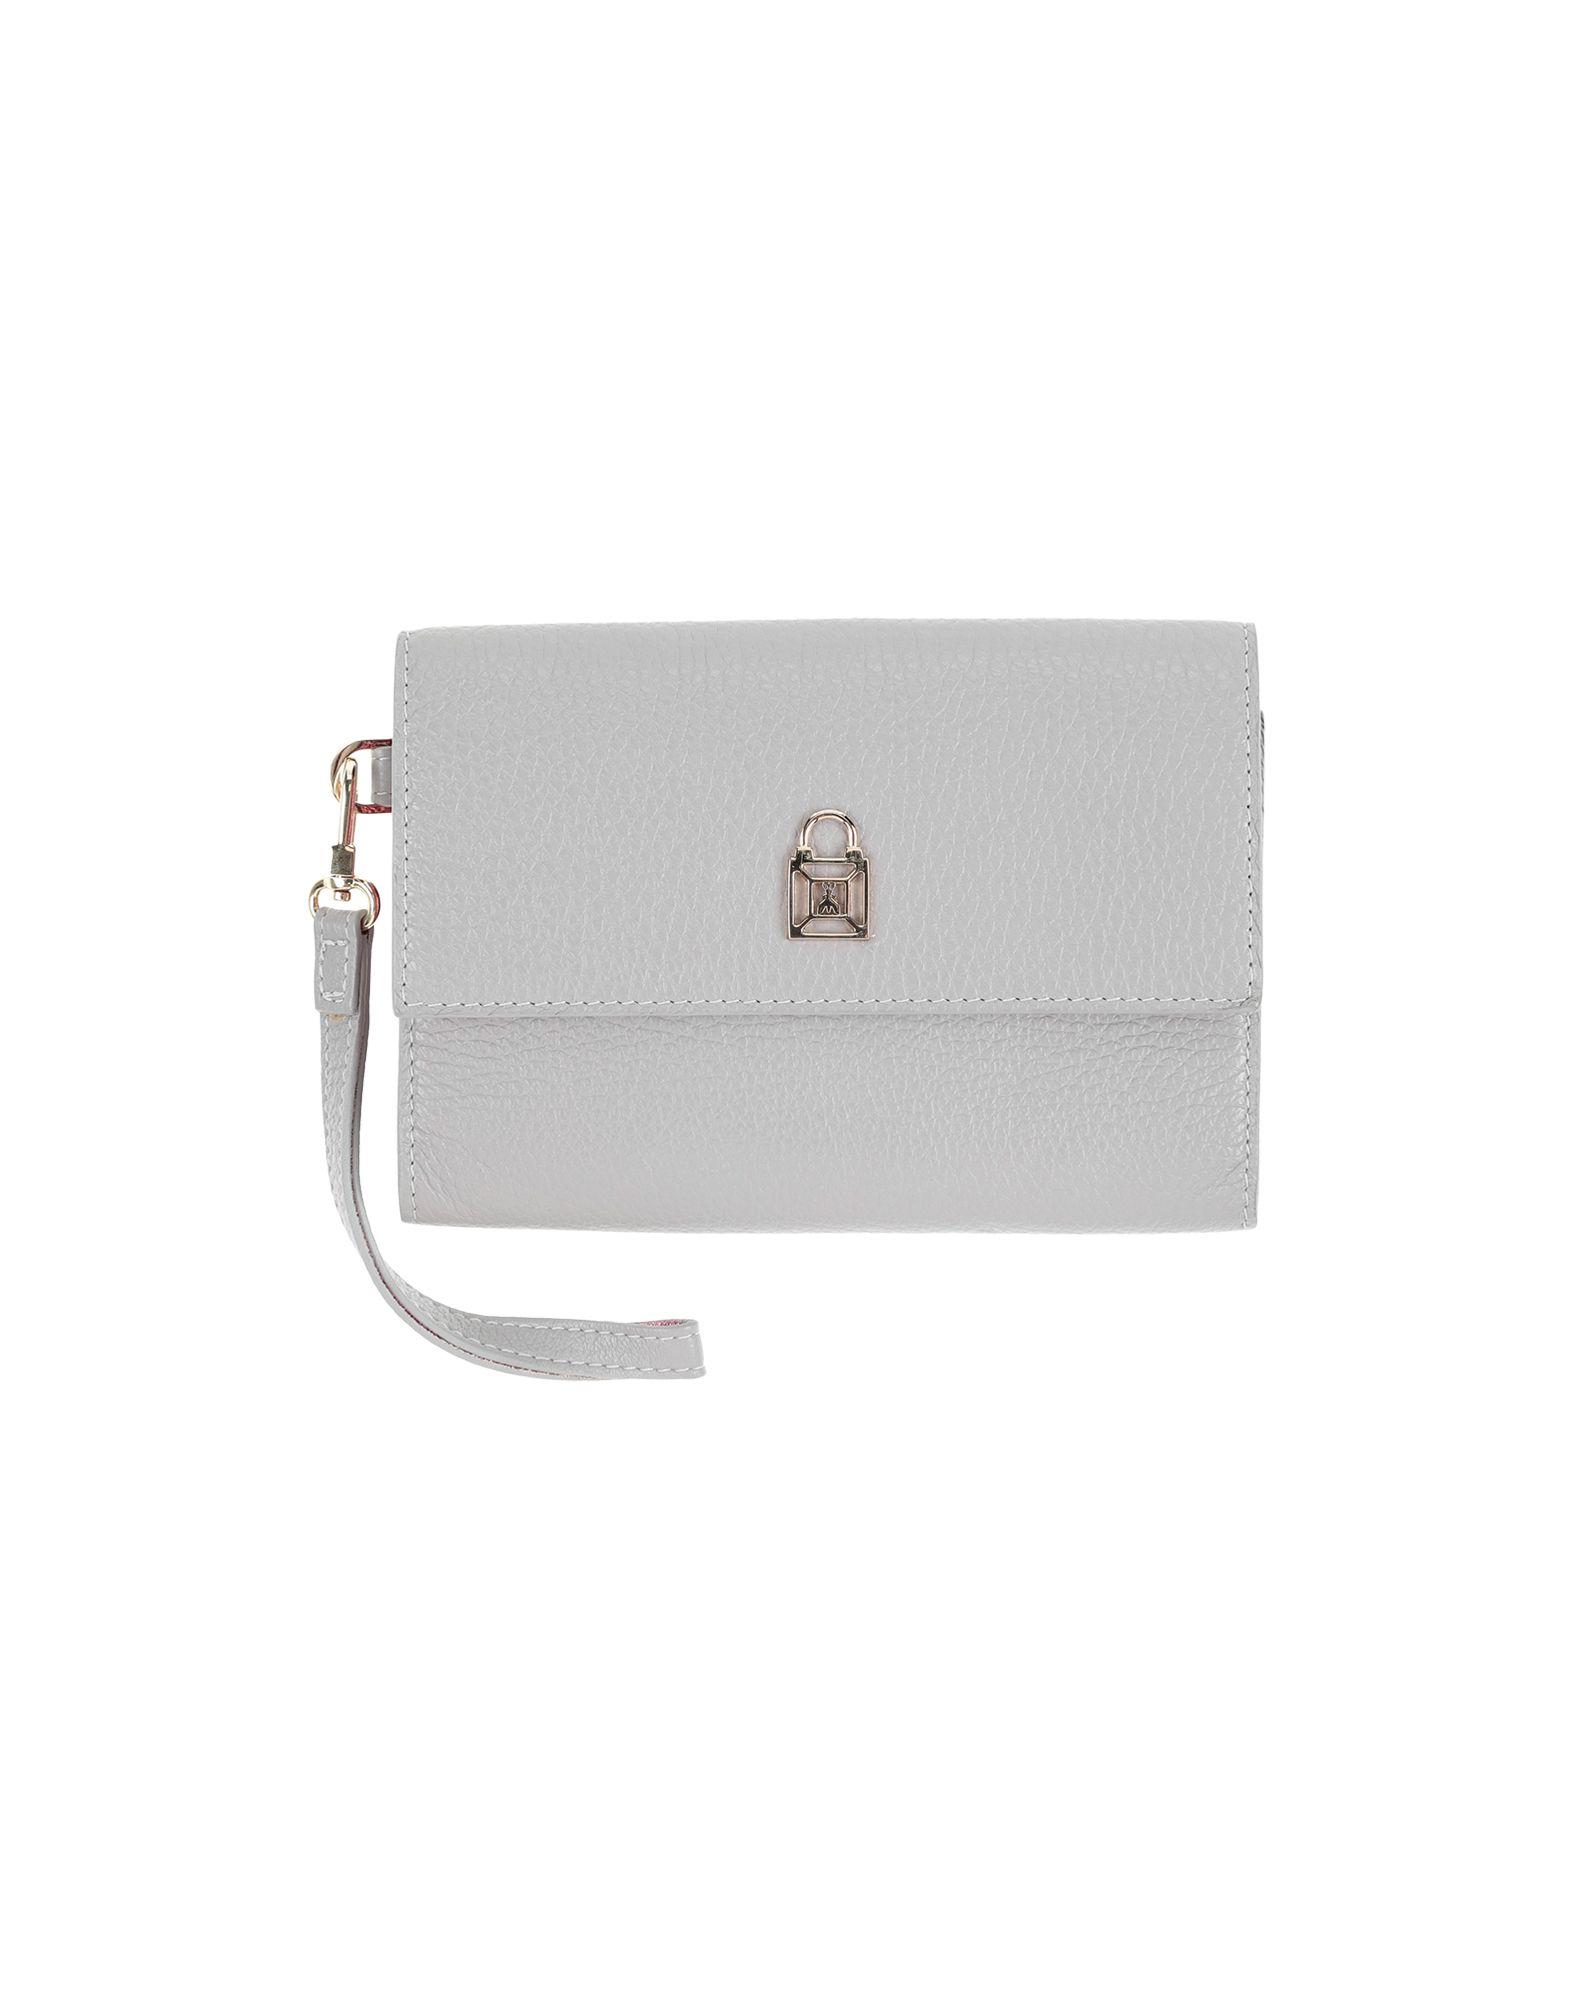 PATRIZIA PEPE Бумажник marino кожа моды простой короткий бумажник сладкий дикий бумажник 3 раза черные женские модели